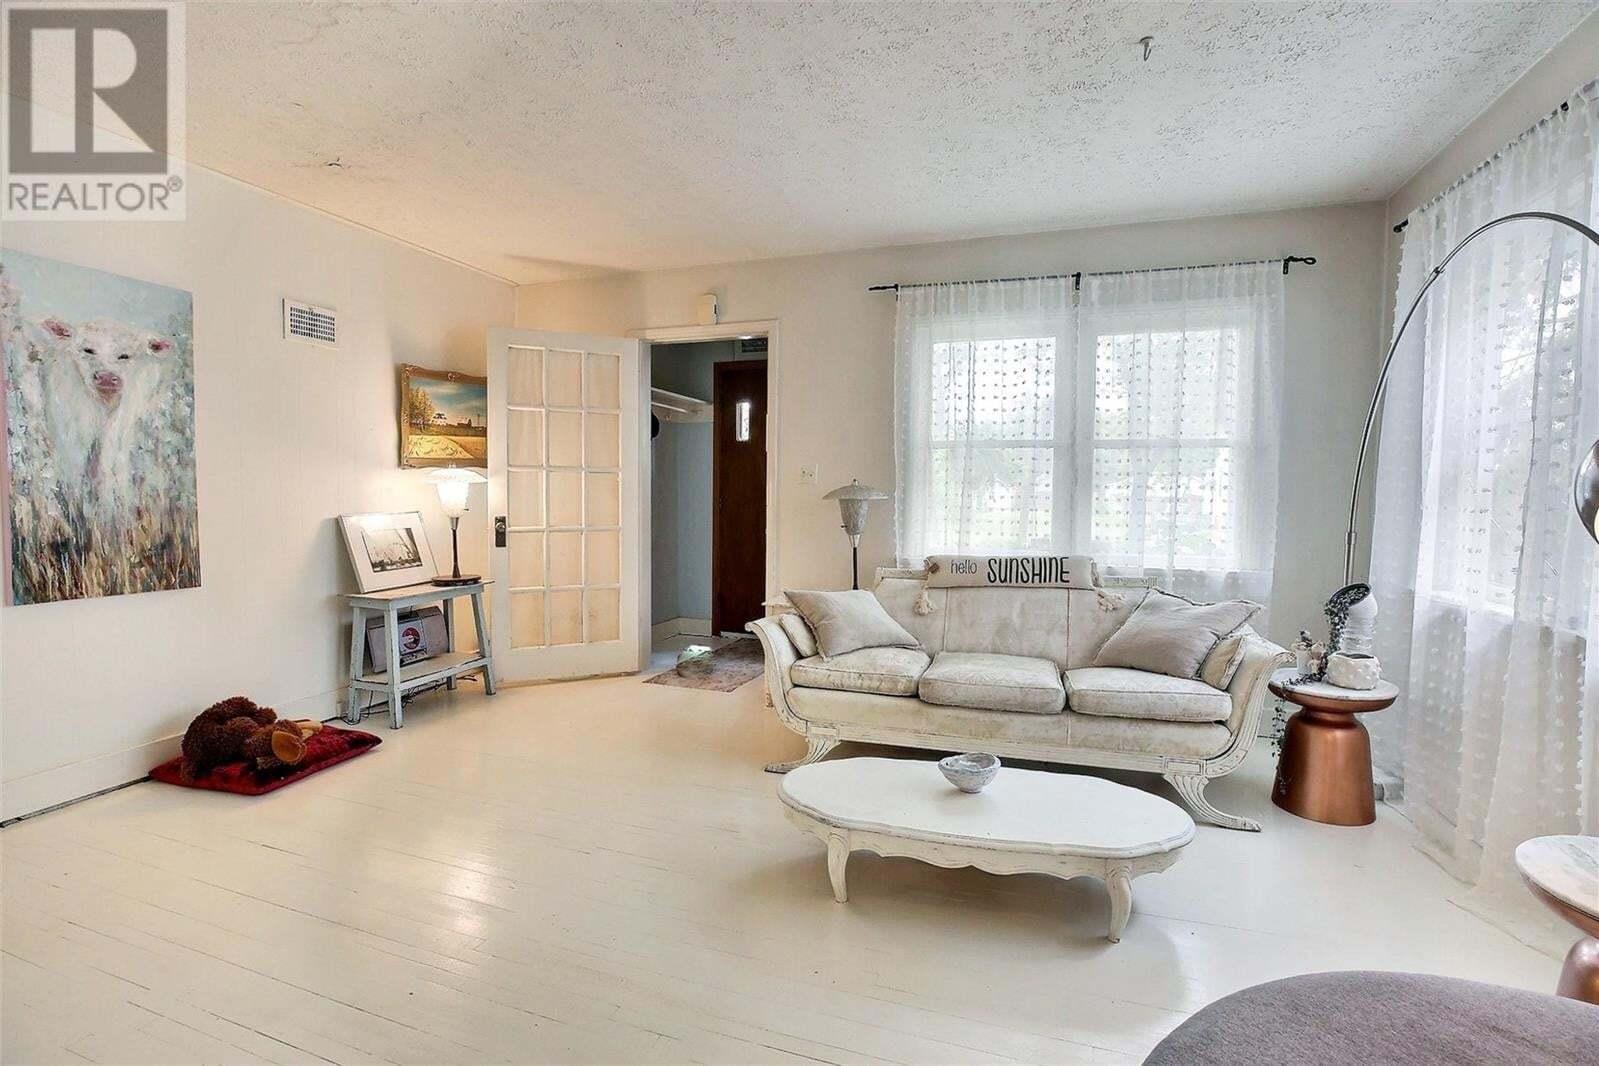 House for sale at 1149 Elphinstone St Regina Saskatchewan - MLS: SK821566